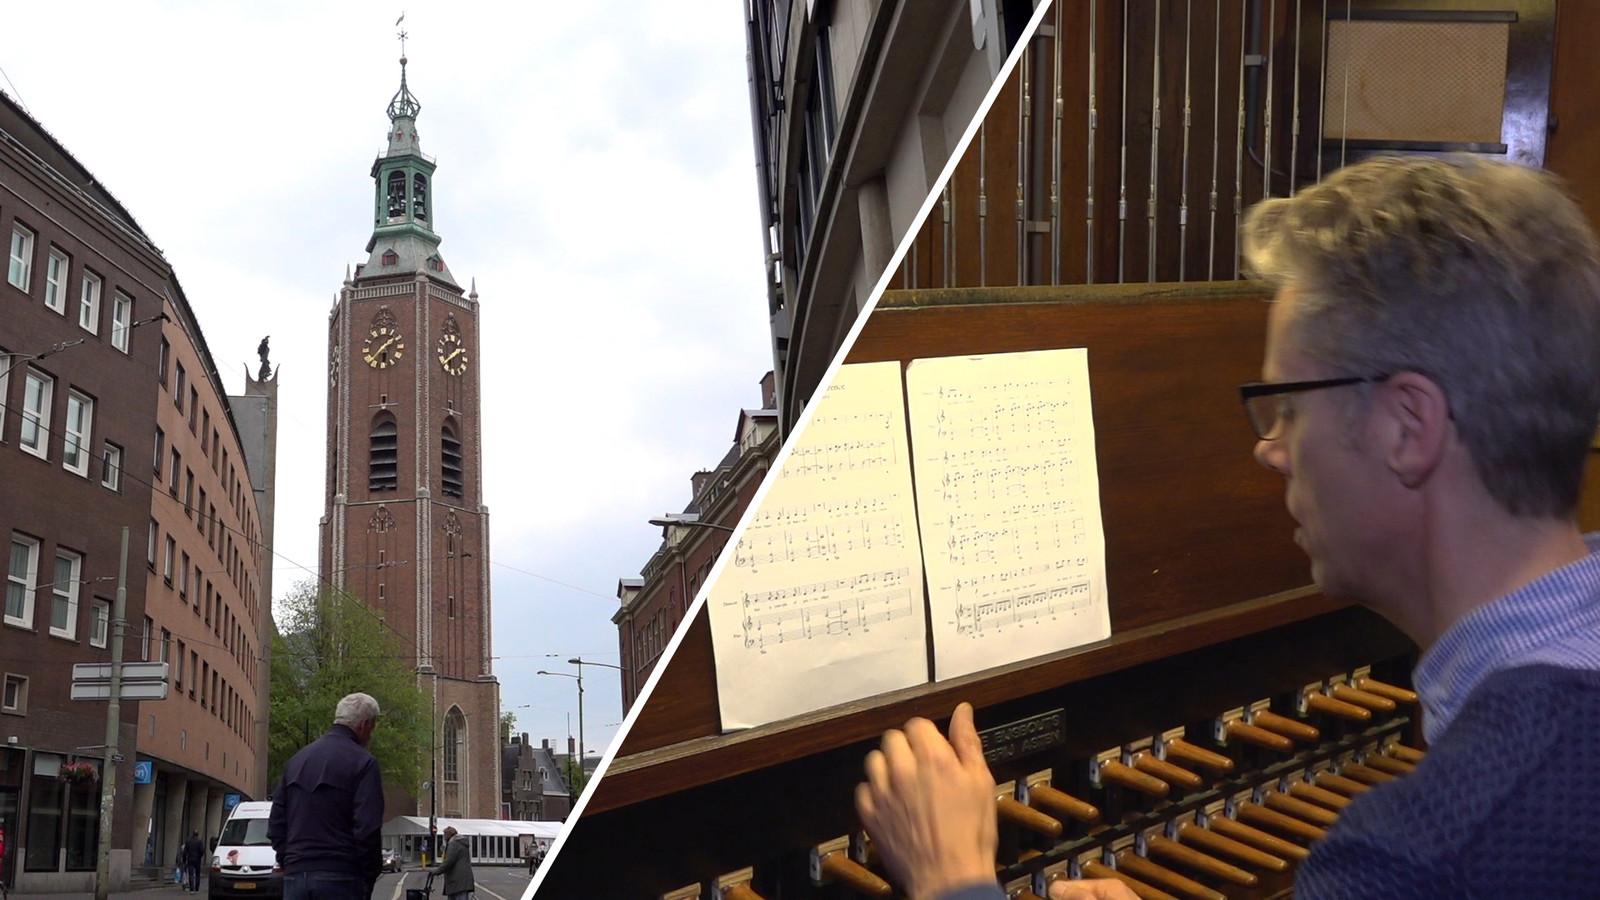 De beiaardier van de Grote Kerk in Den Haag Gijsbert Kok doet mee aan het landelijk initiatief om Radar Love te spelen.